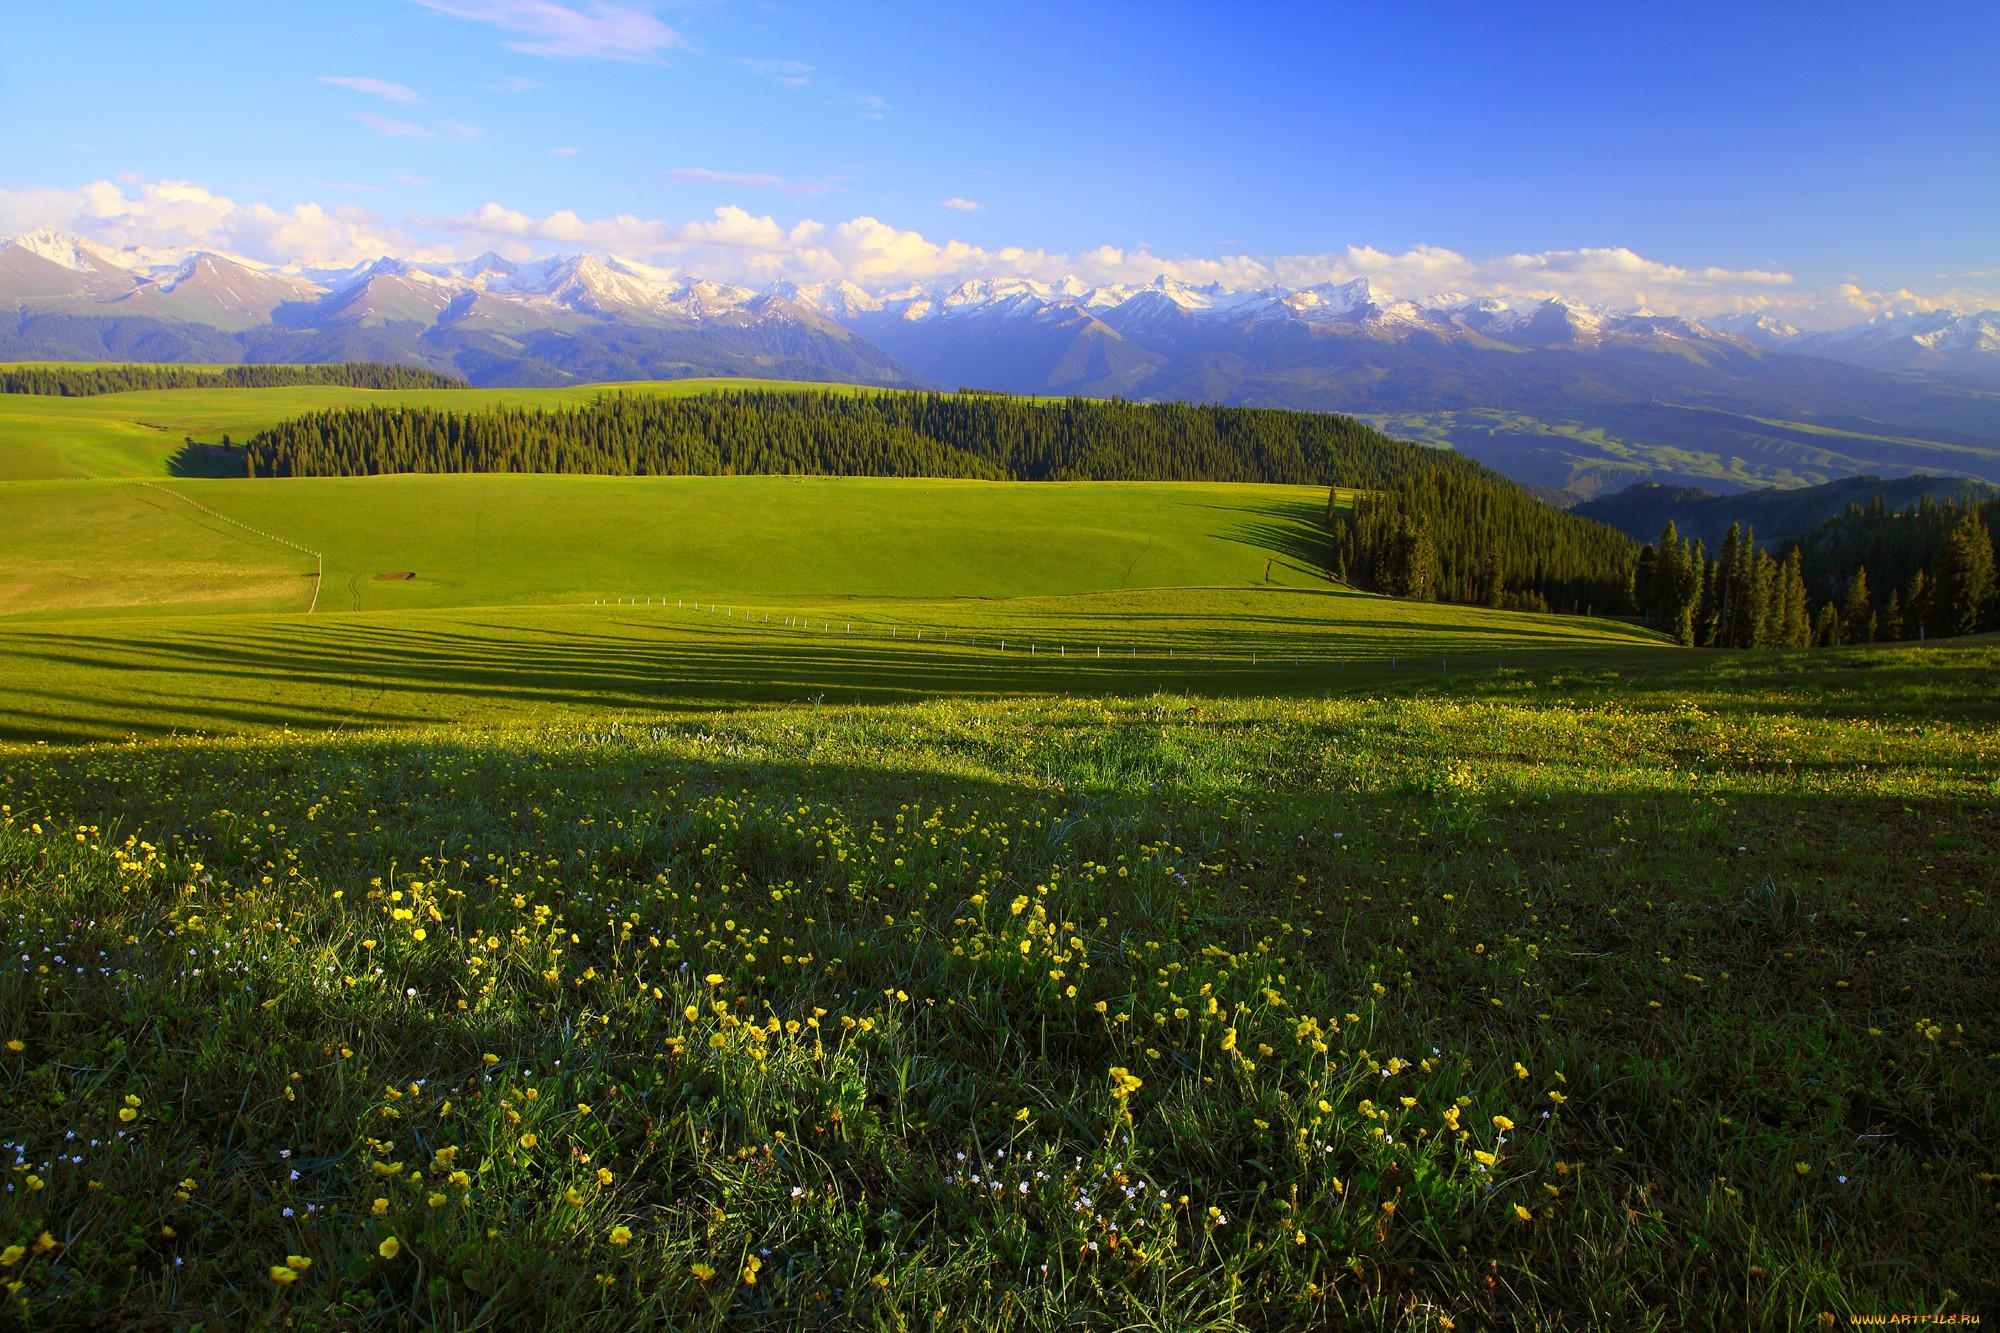 фото красивые пейзажи луга и поля зимние холодные